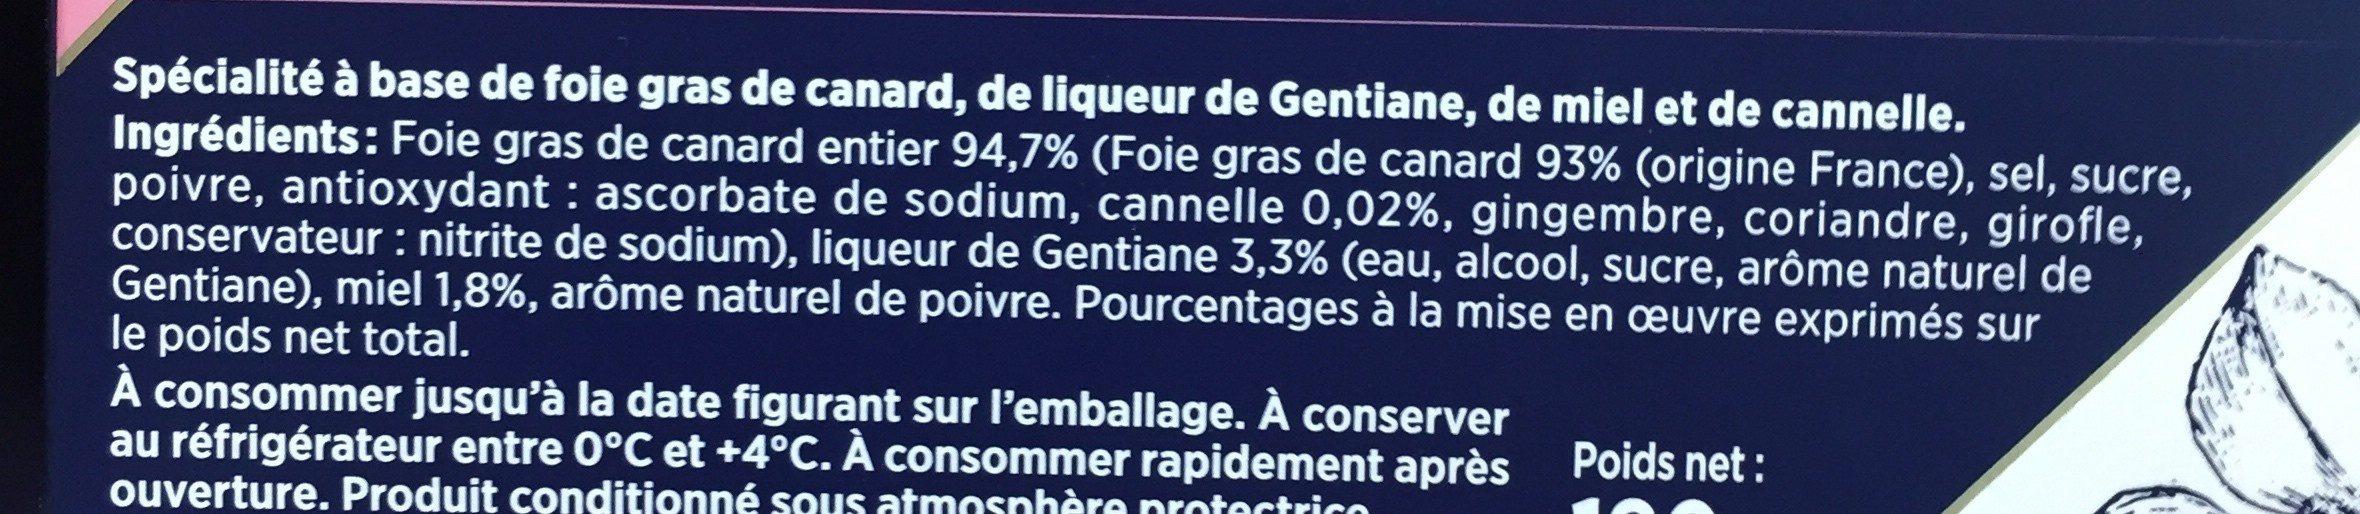 Foie gras de canard Création 2 - Ingrédients - fr